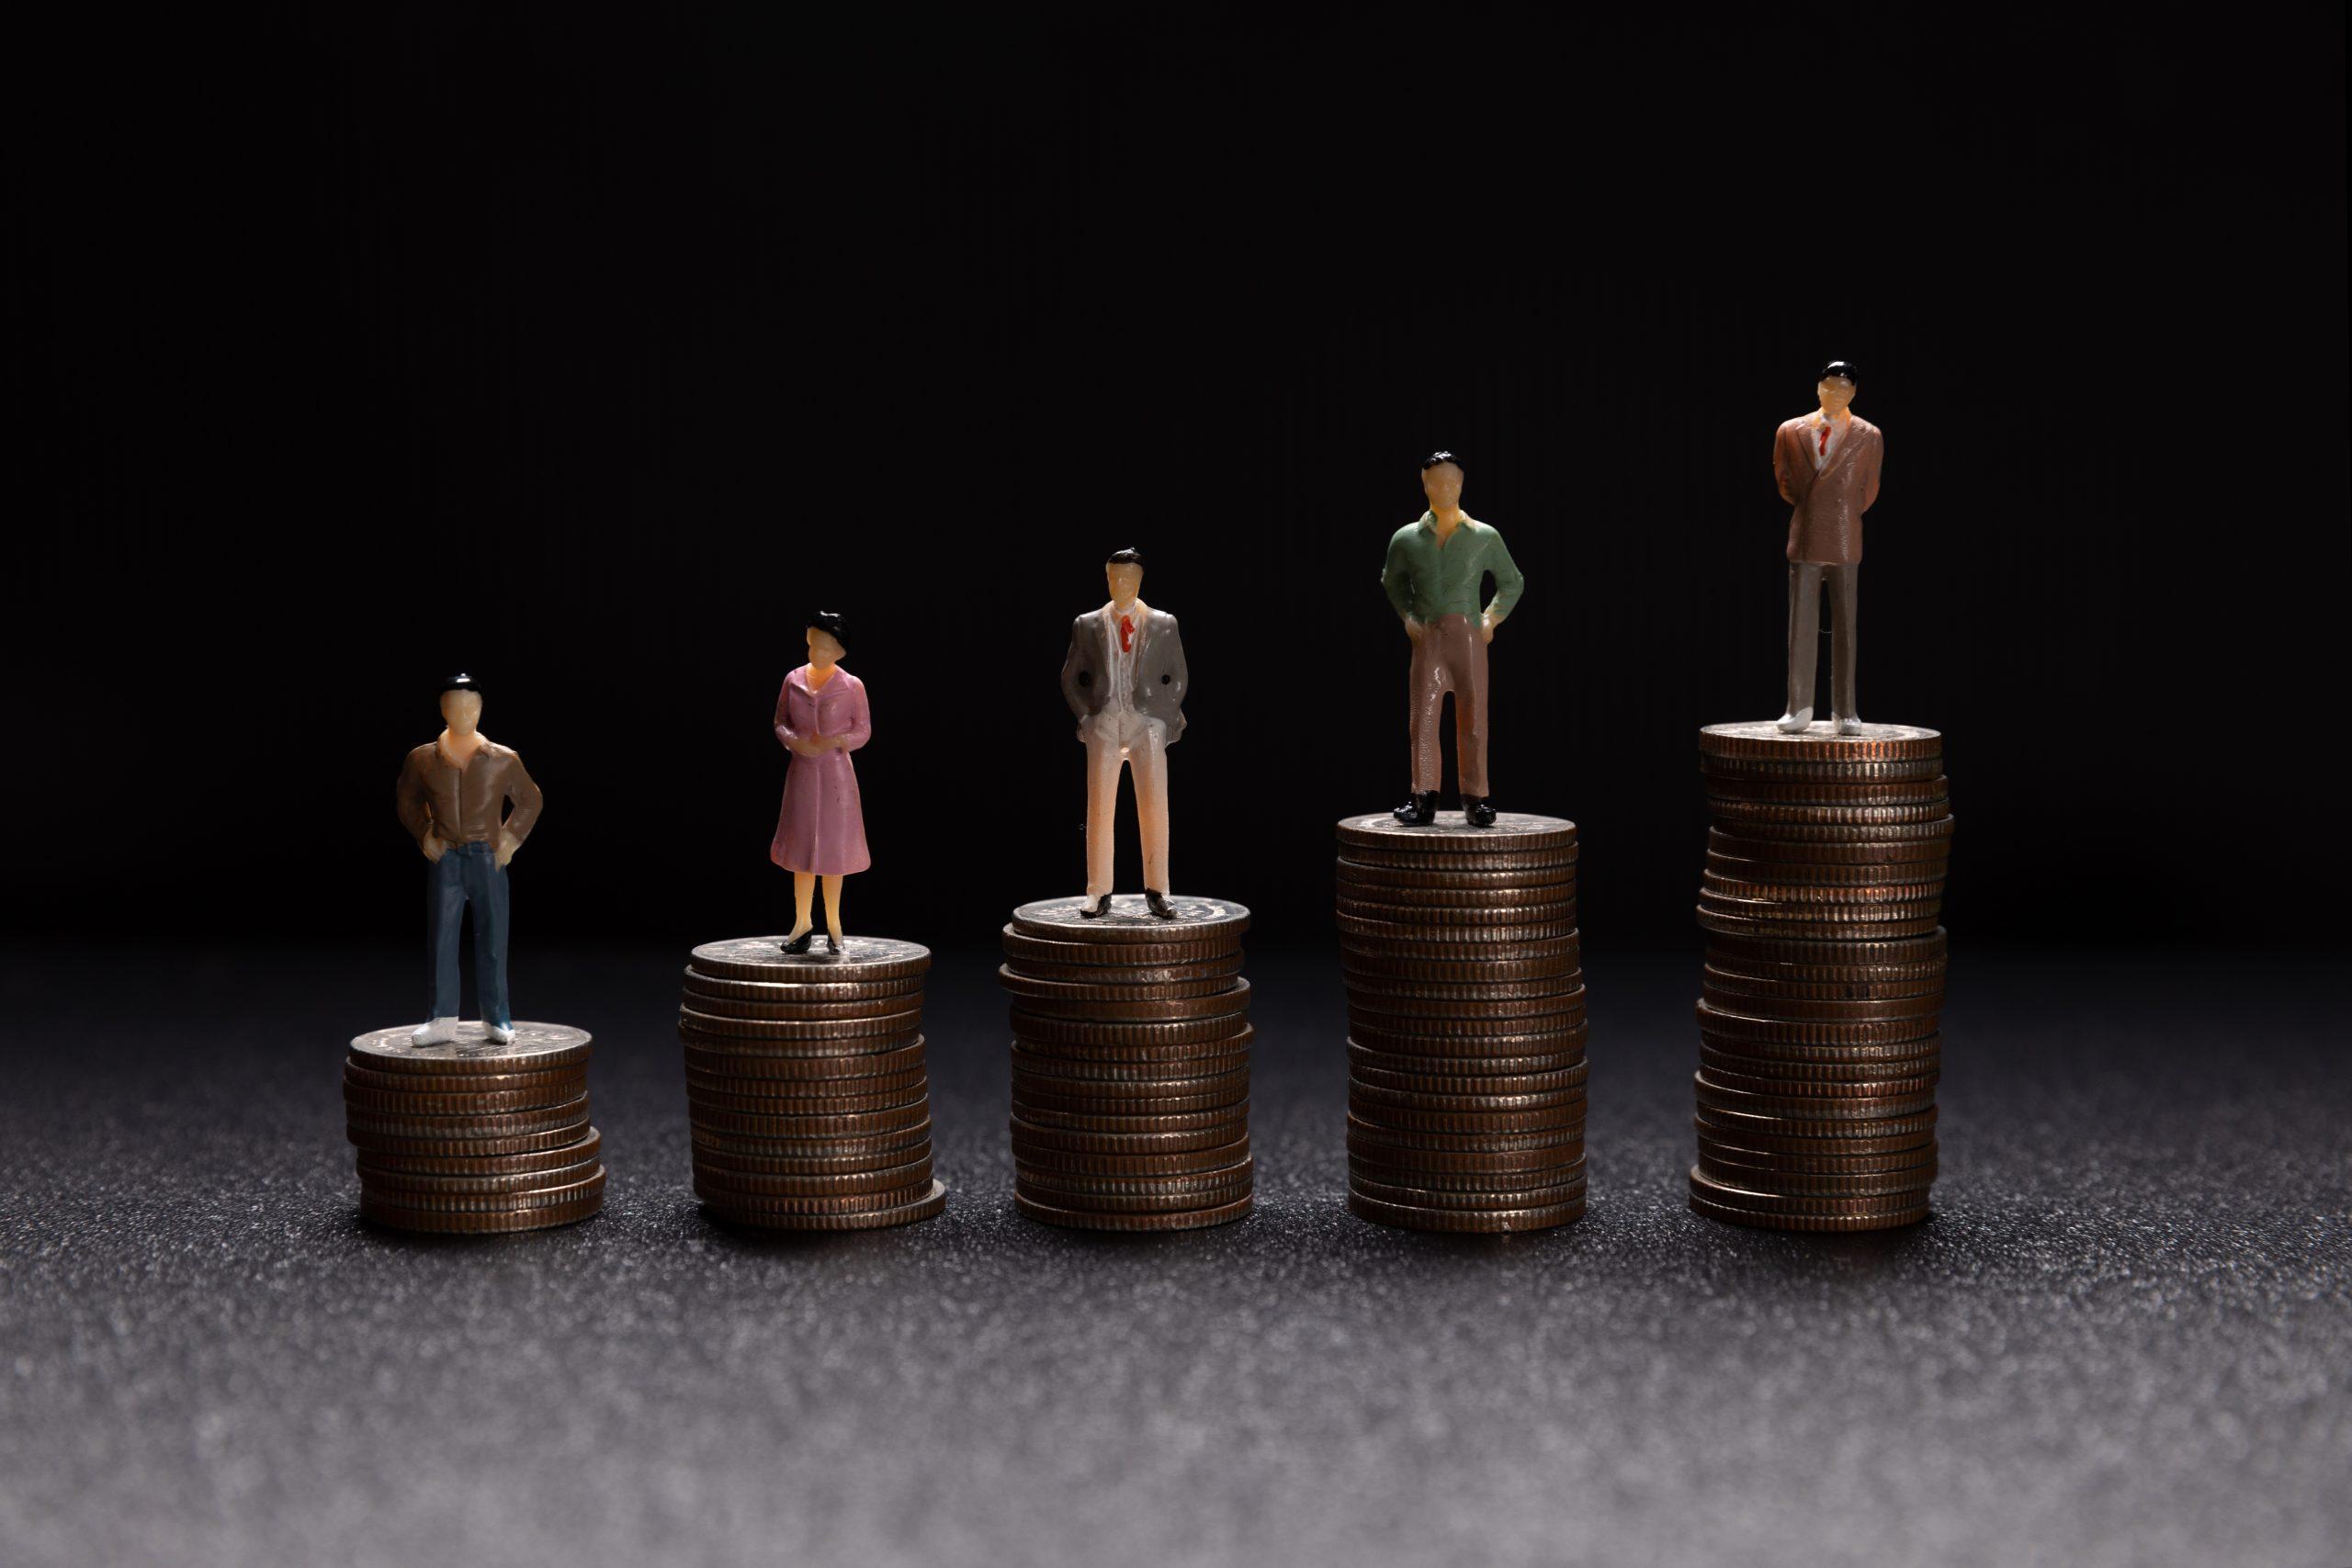 desigualdad laboral, economía, equidad de género, ONU, mujeres trabajadoras, finanzas, derechos humanos, derechos de las mujeres, participación económica, trabajadores, salarios, sueldo, oportunidad laboral